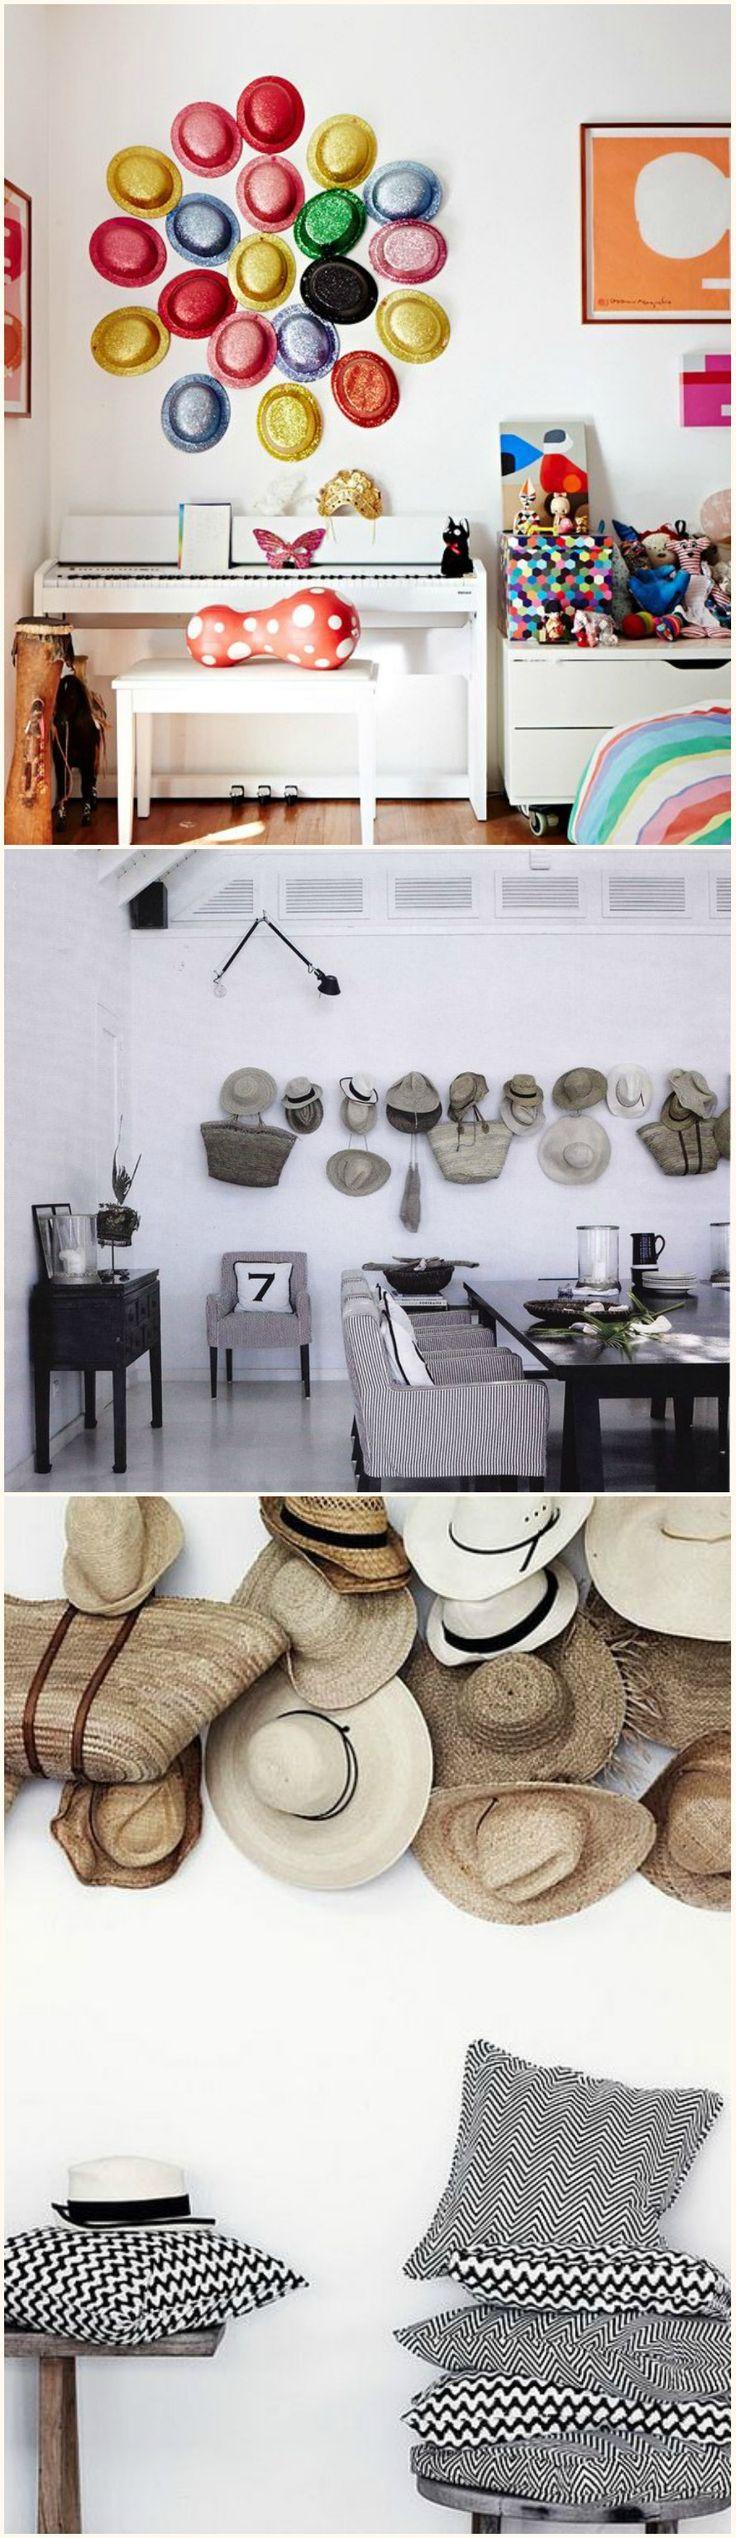 Diy 10 idee su come decorare e abbellire una parete come arredare una parete bianca e vuota, con forme geometriche, foto e accessori e colori!